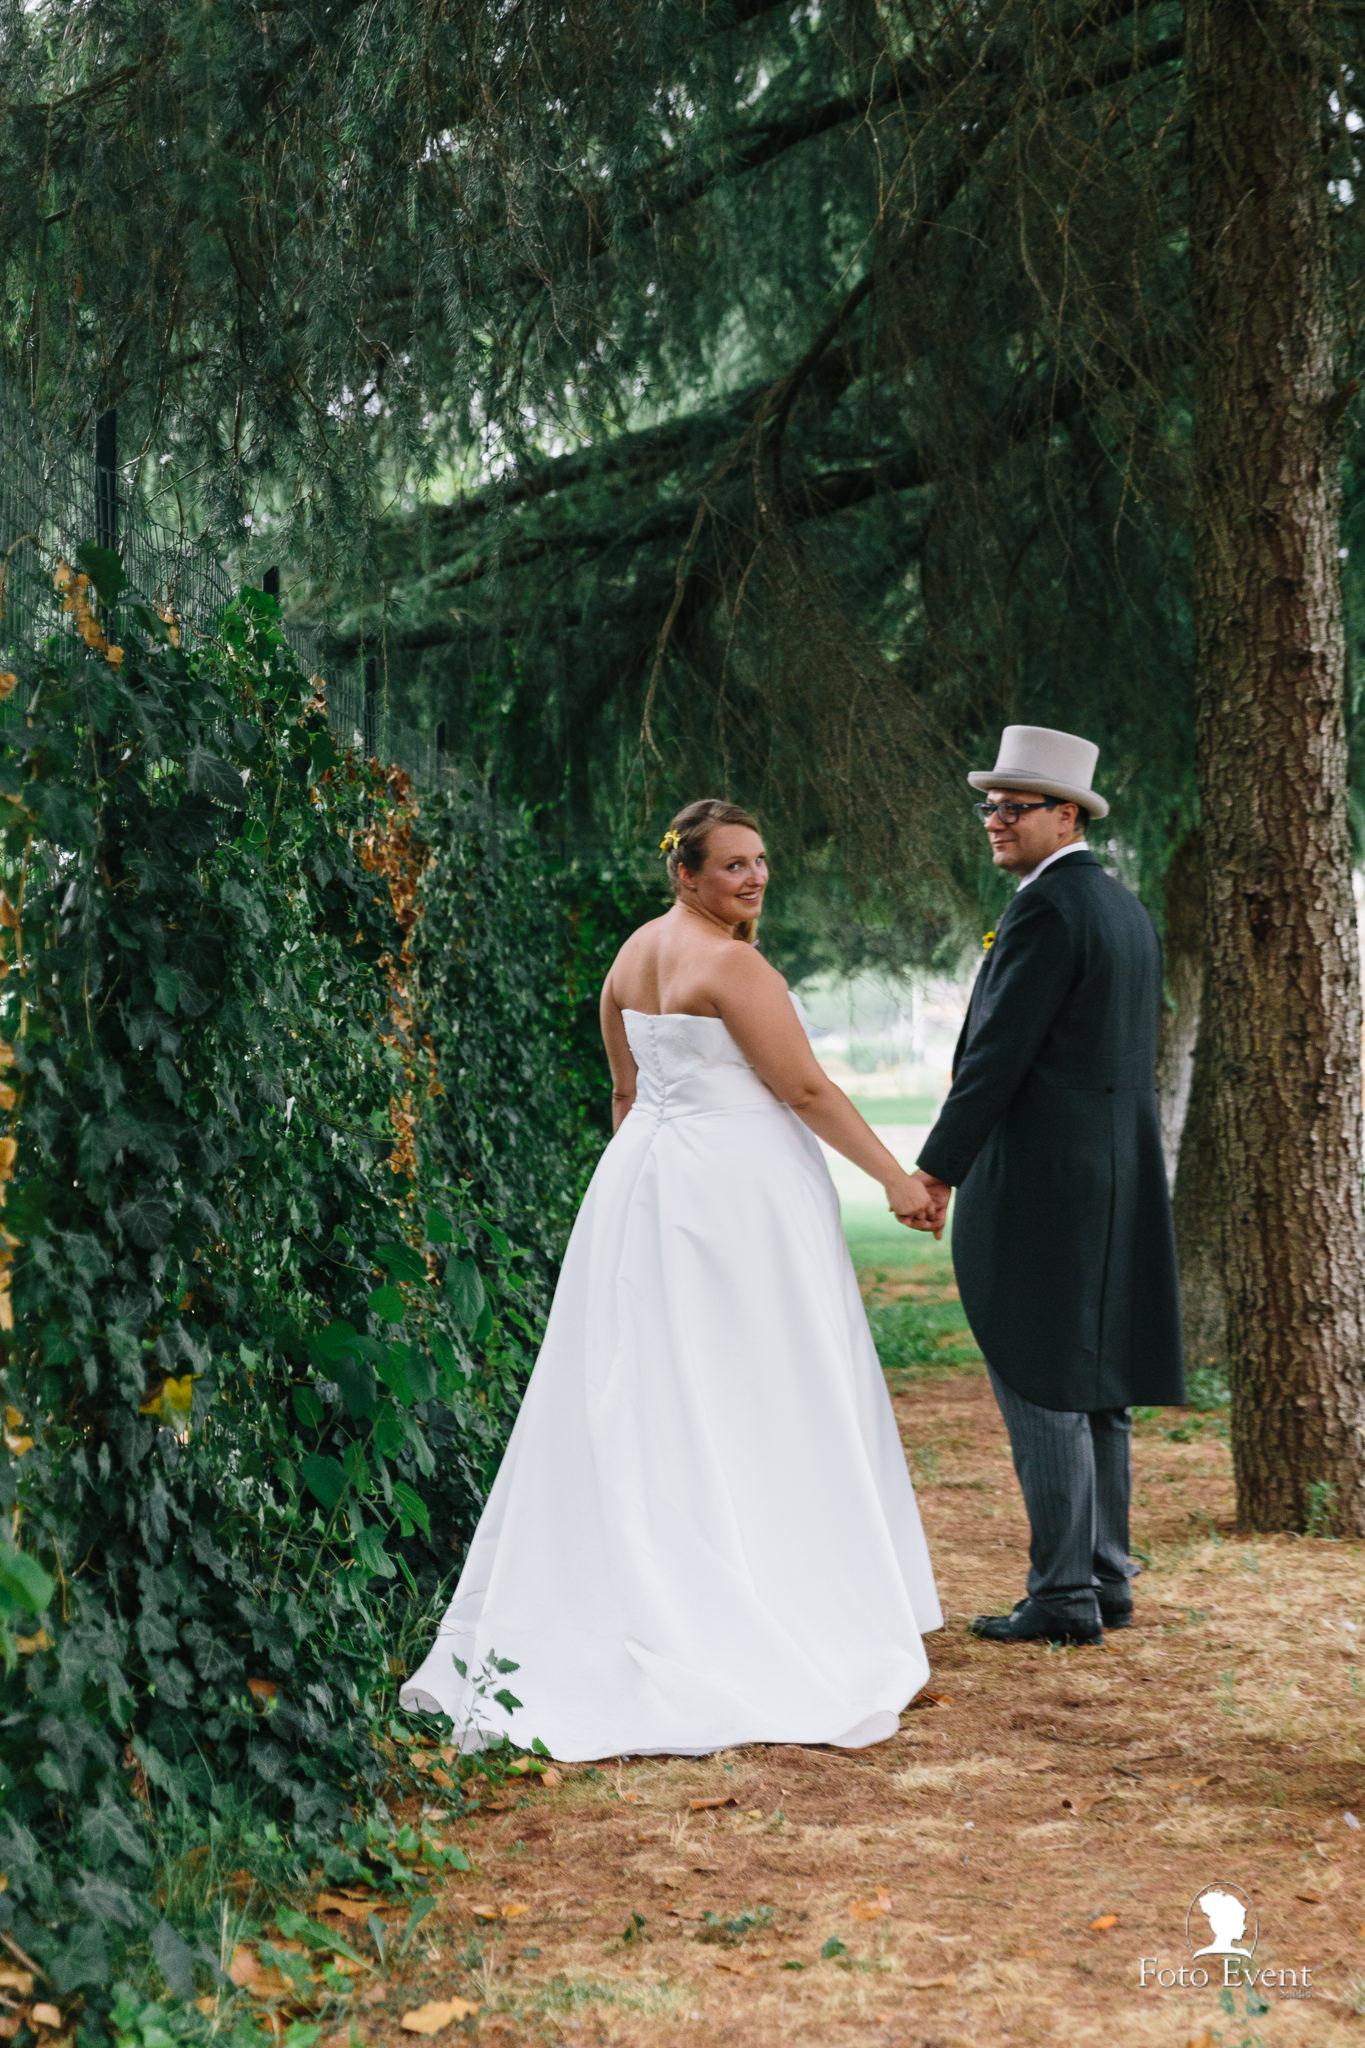 065-2019-07-27-Matrimonio-Valentina-e-Alessandro-Pettinari-5DE-1309